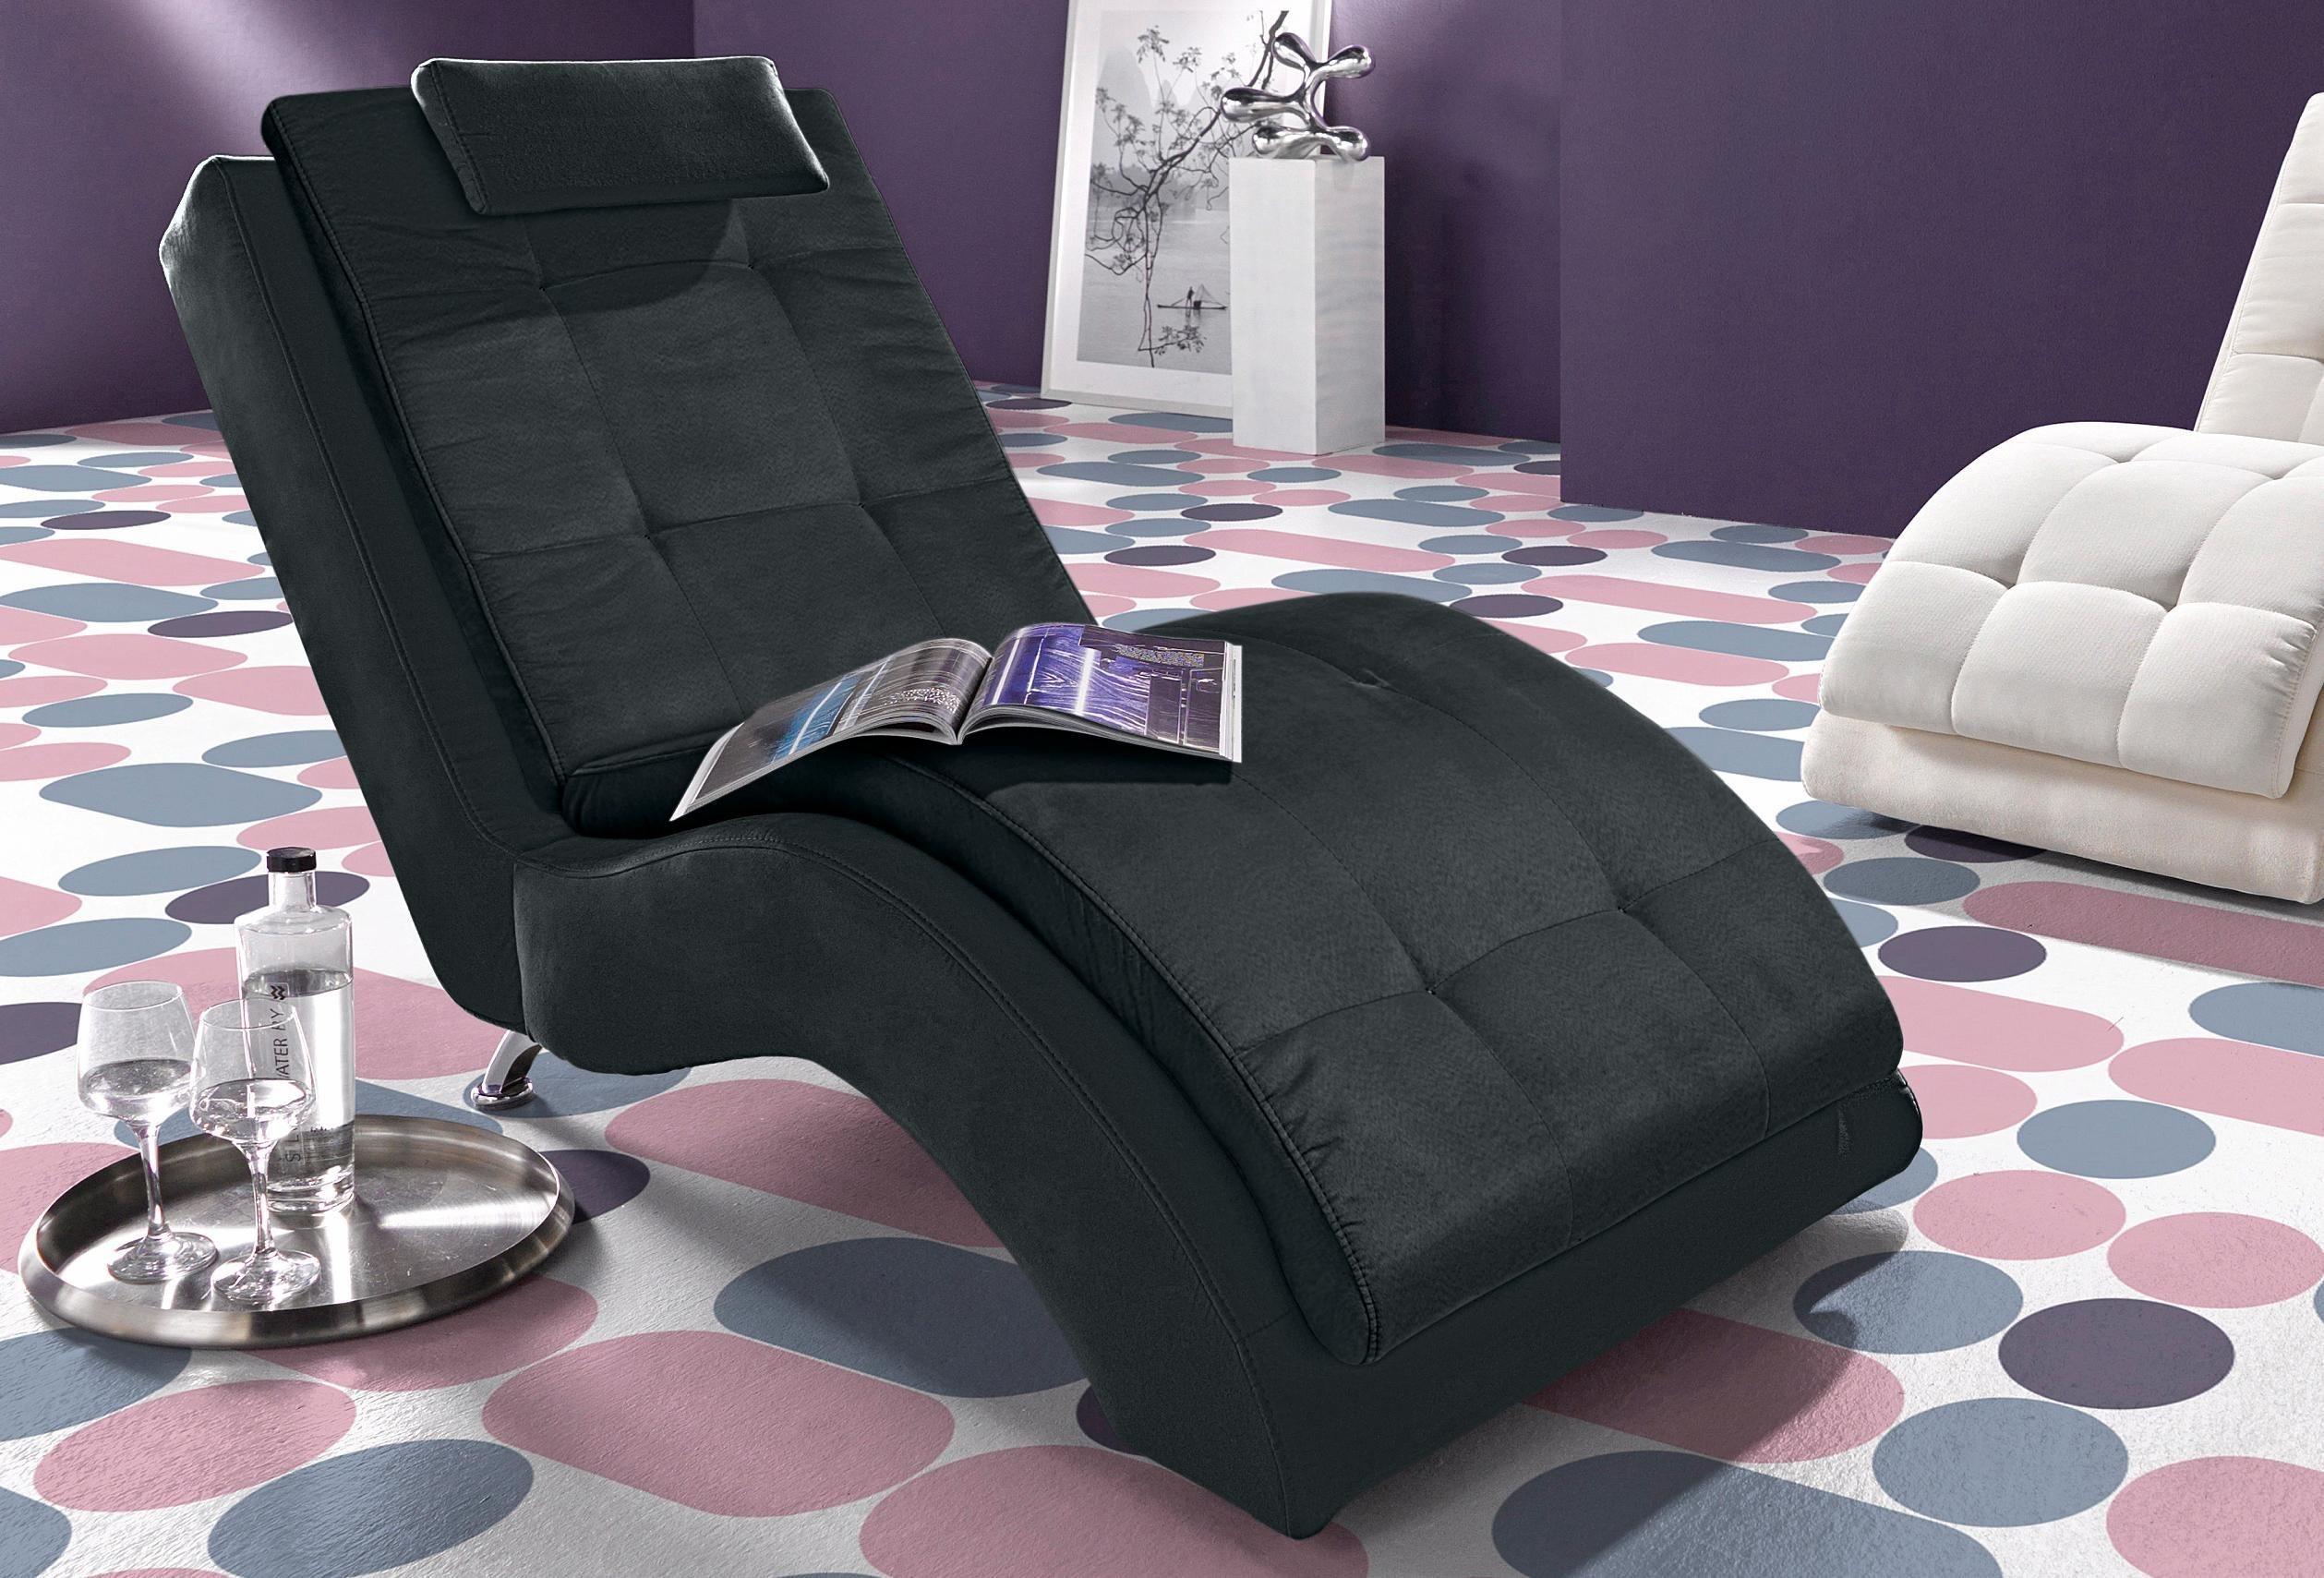 INOSIGN Relaxliege | Wohnzimmer > Sessel > Relaxliegen | Baumwolle - Microfaser | INOSIGN